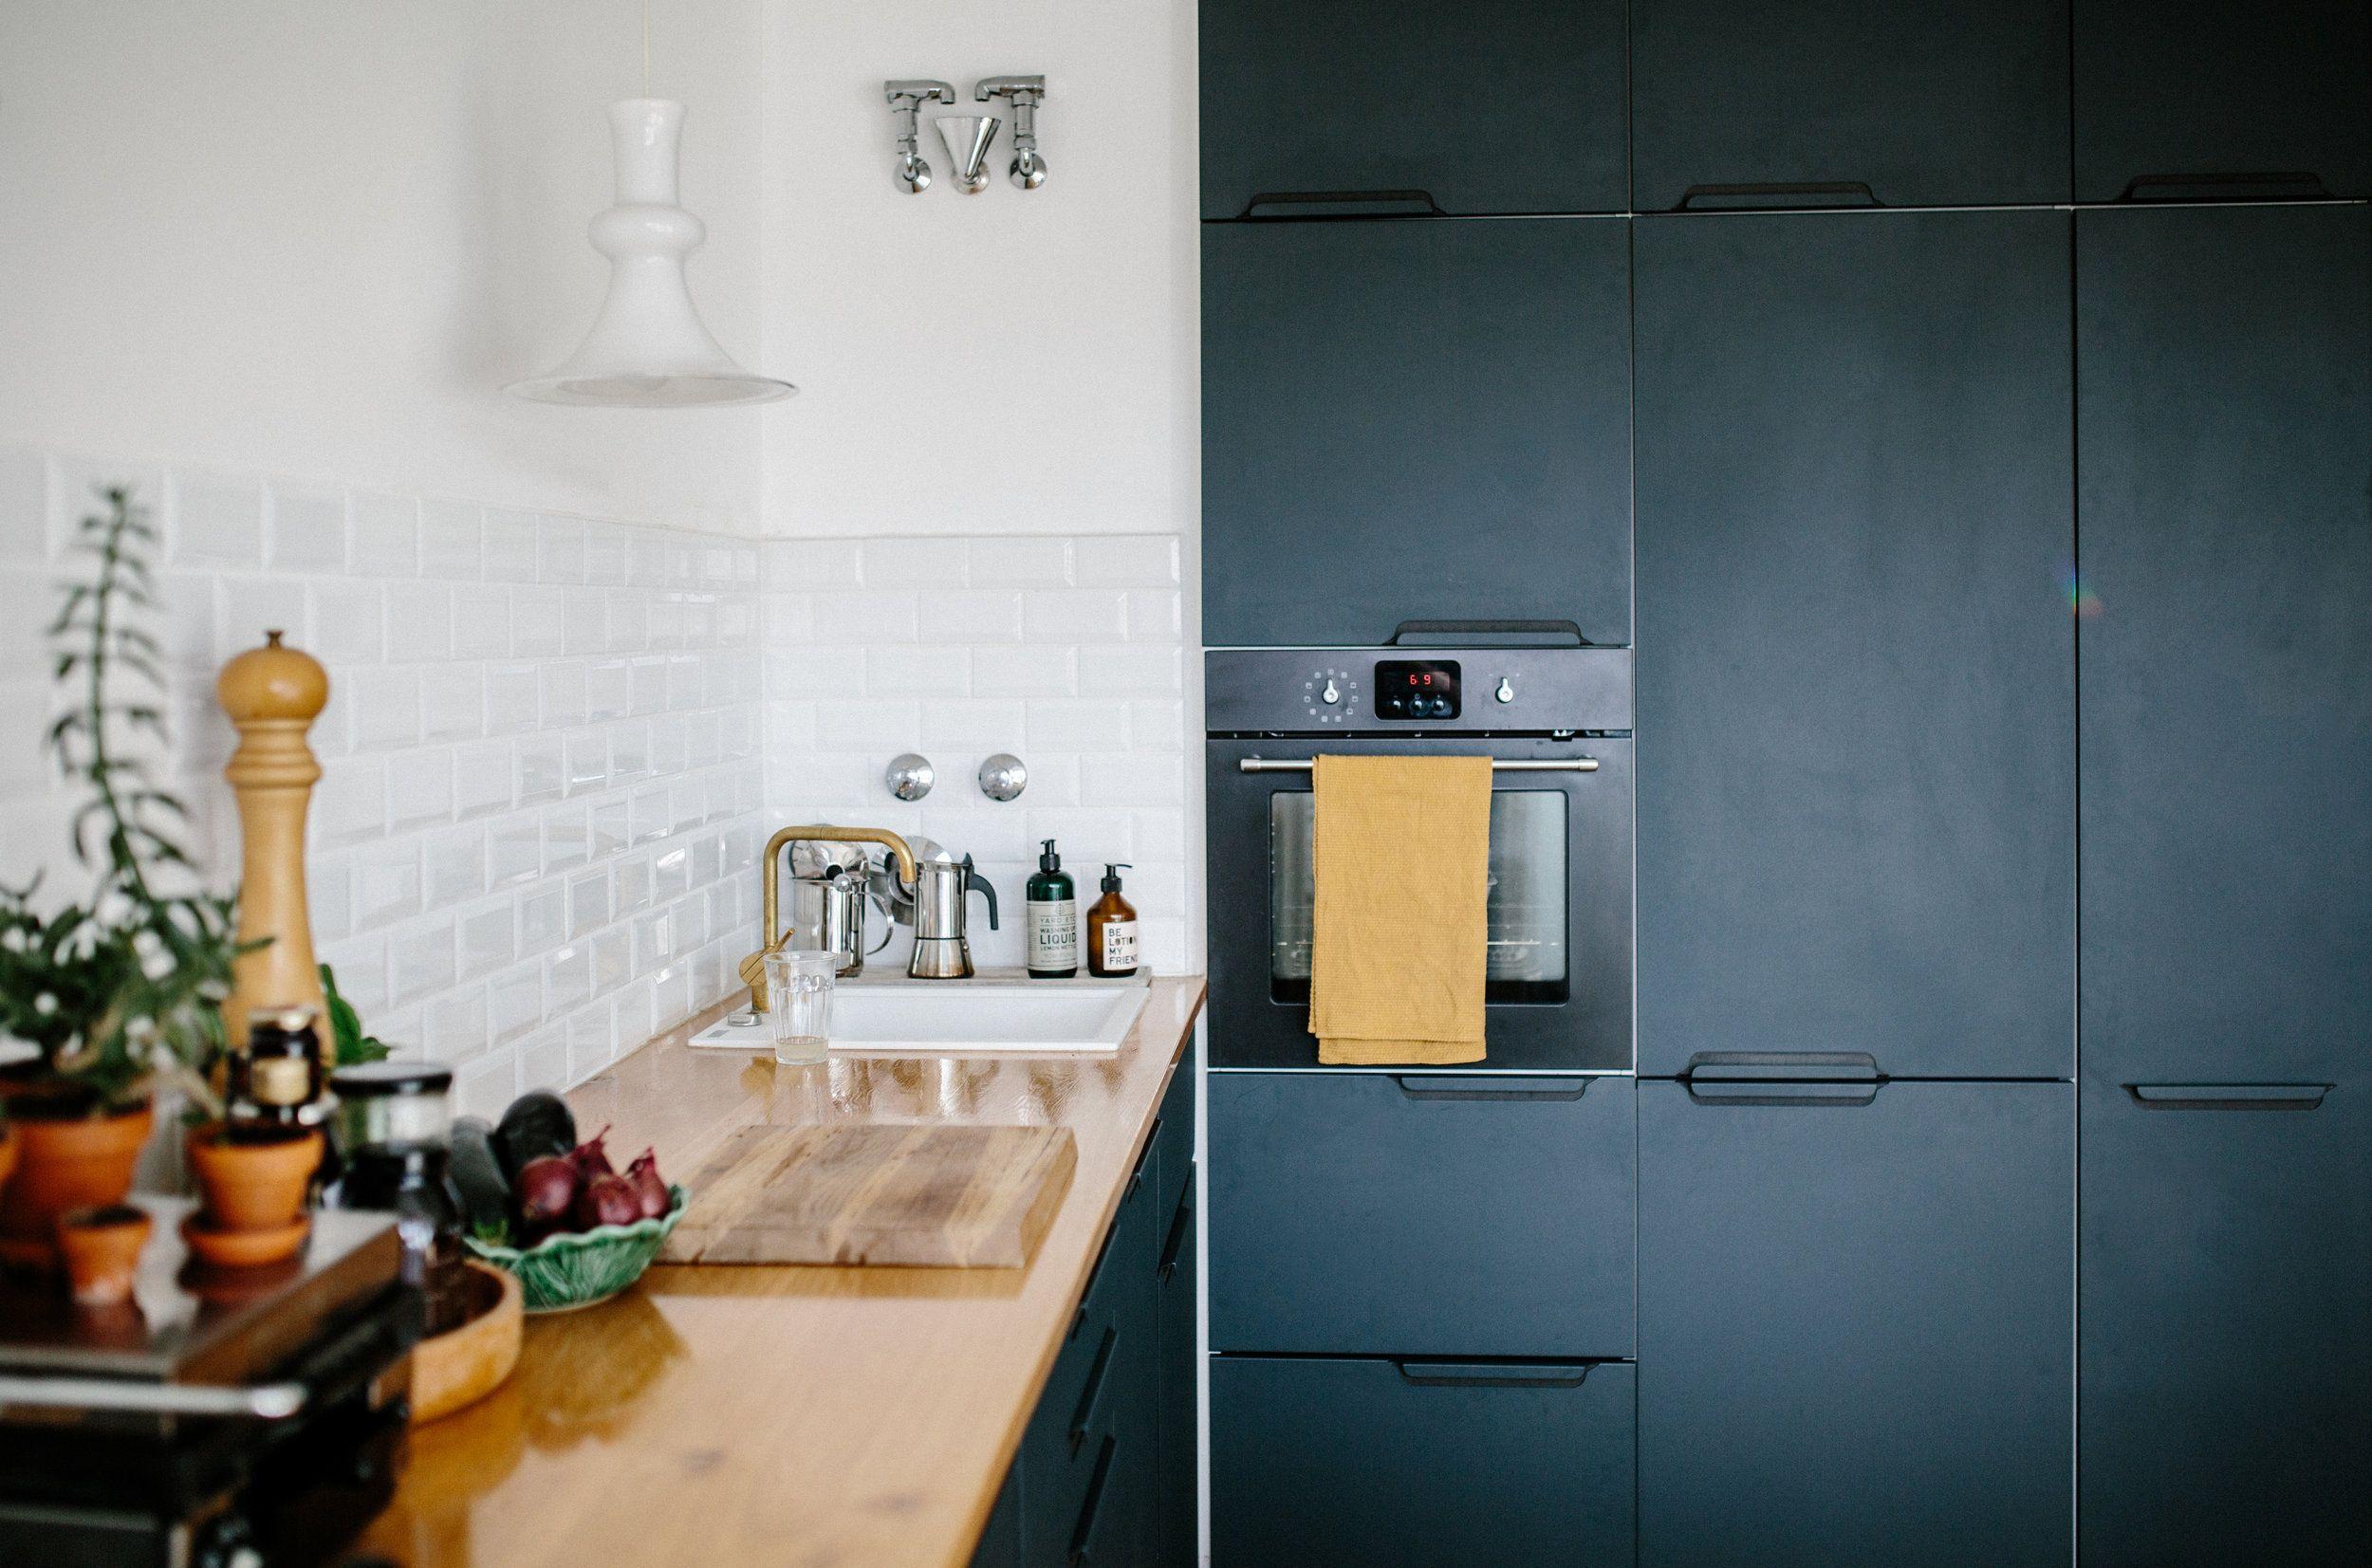 Zu Besuch Bei Sigurd Larsen Herz Und Blut Interior Design Lifestyle Travel Blog Kuchen Fronten Neue Wohnung Kuchenfronten